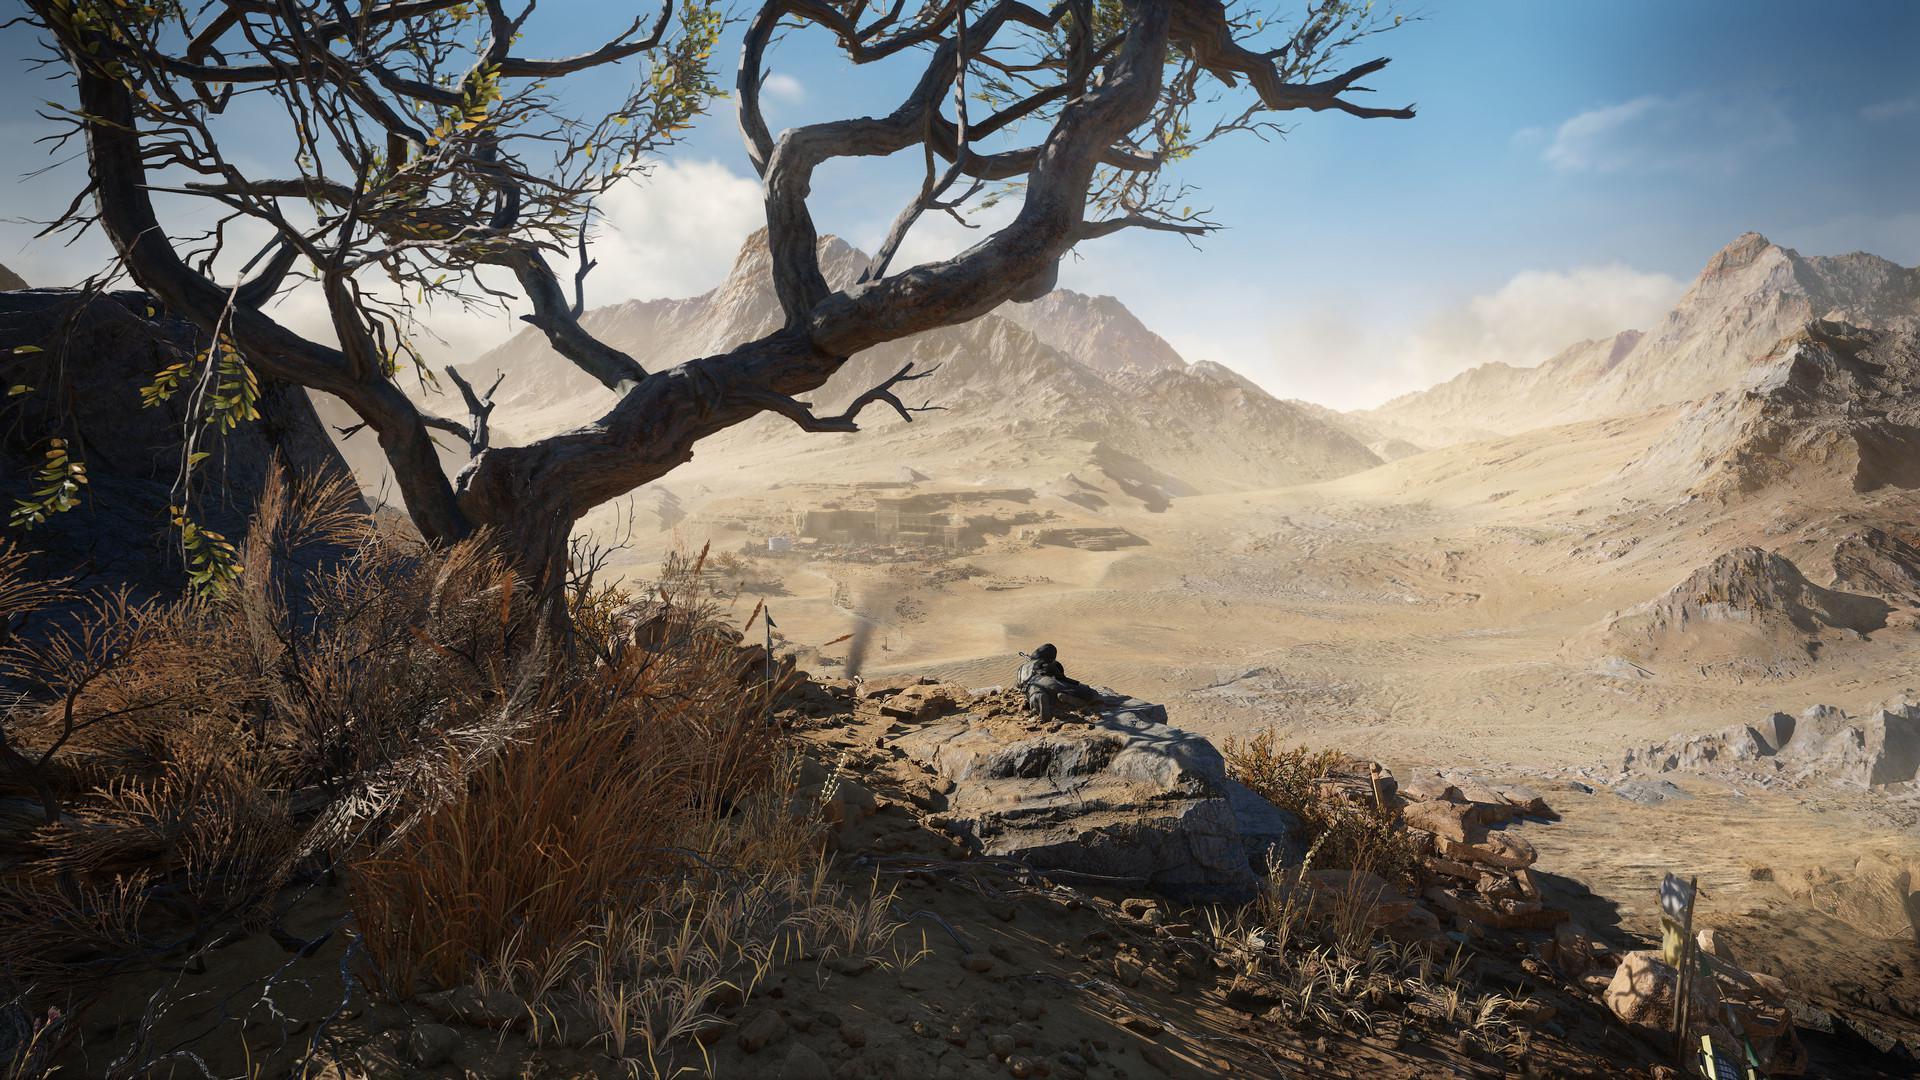 《狙擊手:幽靈戰士契約2》將於6月4日發售